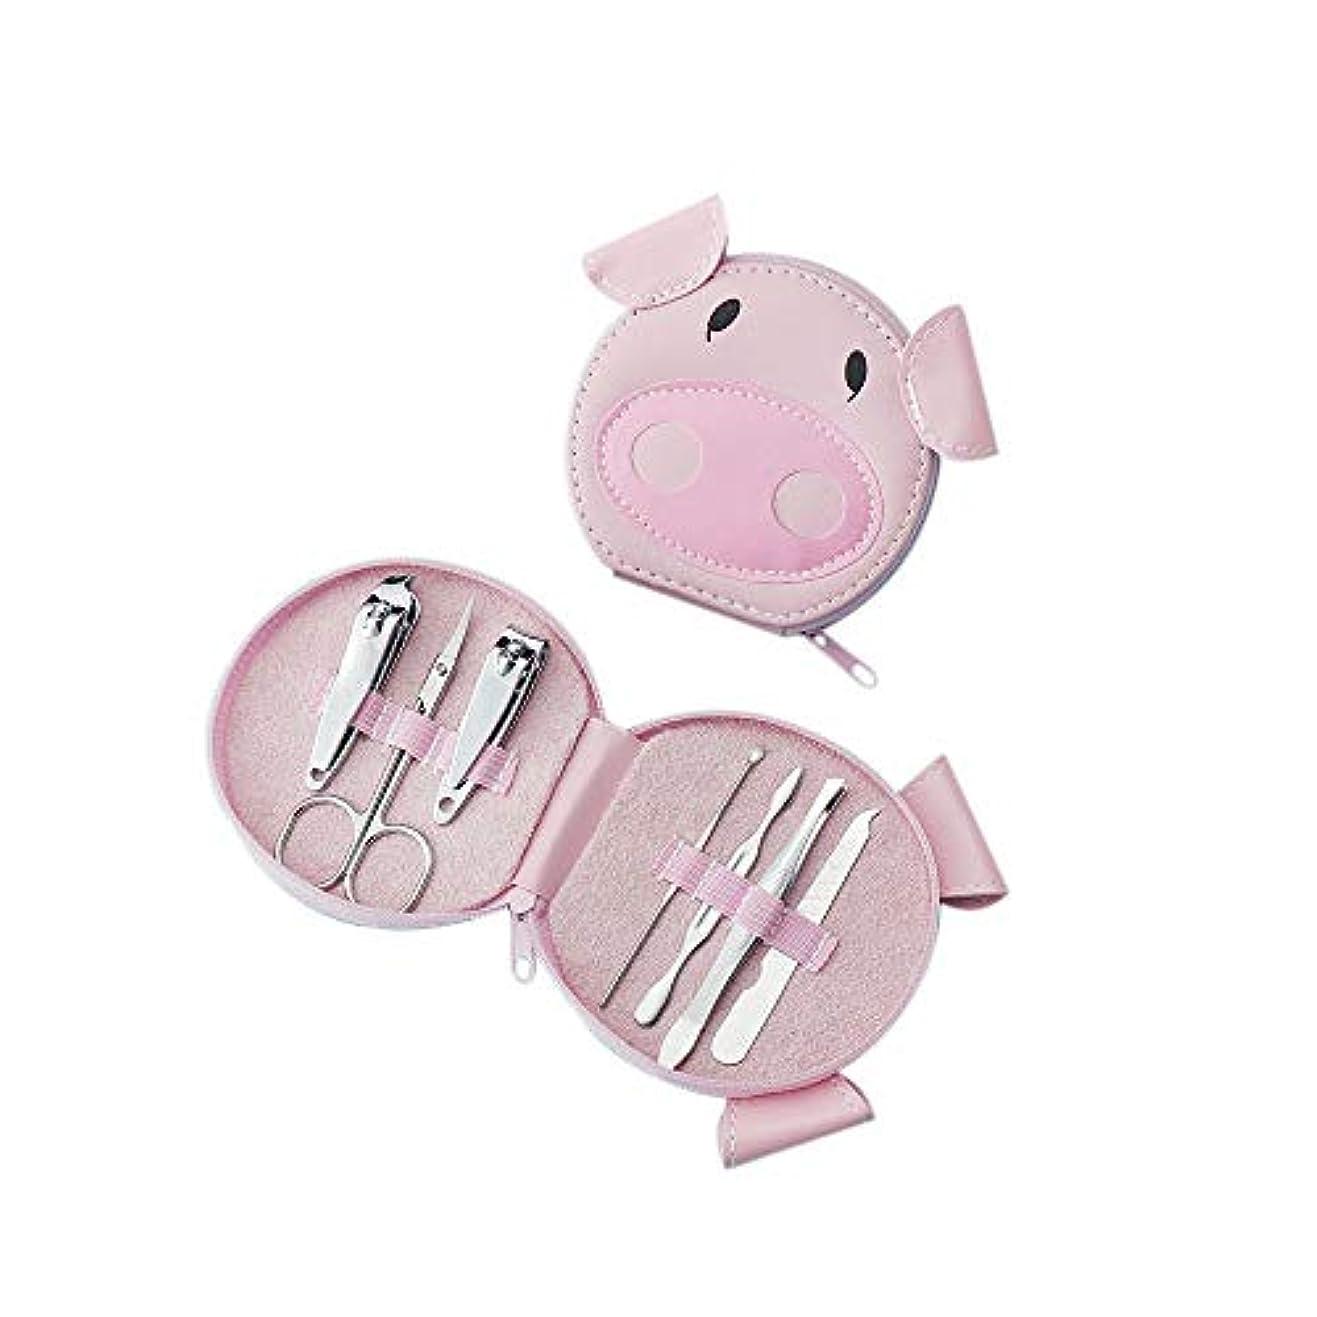 認識どれかパイファッション爪切りセット漫画の豚ポータブルマニキュアメイクトリミングツールセット、7点セット